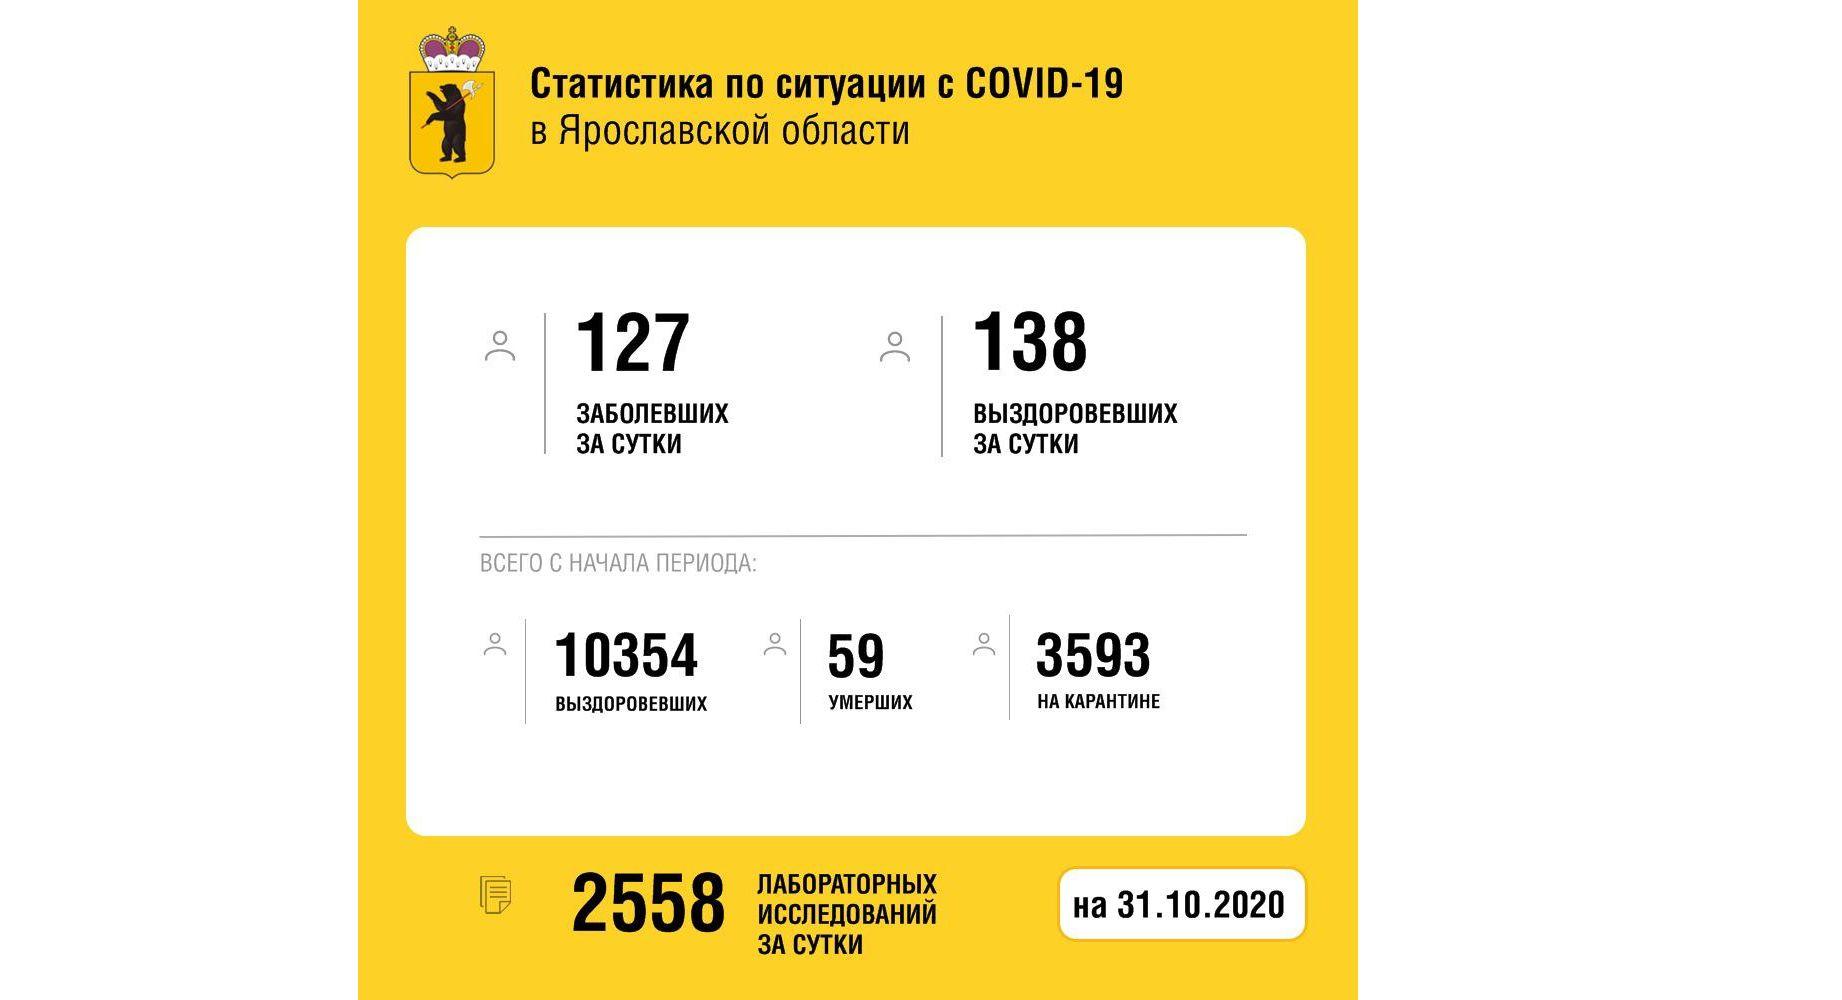 В Ярославской области вылечили от коронавируса еще 138 человек, один скончался